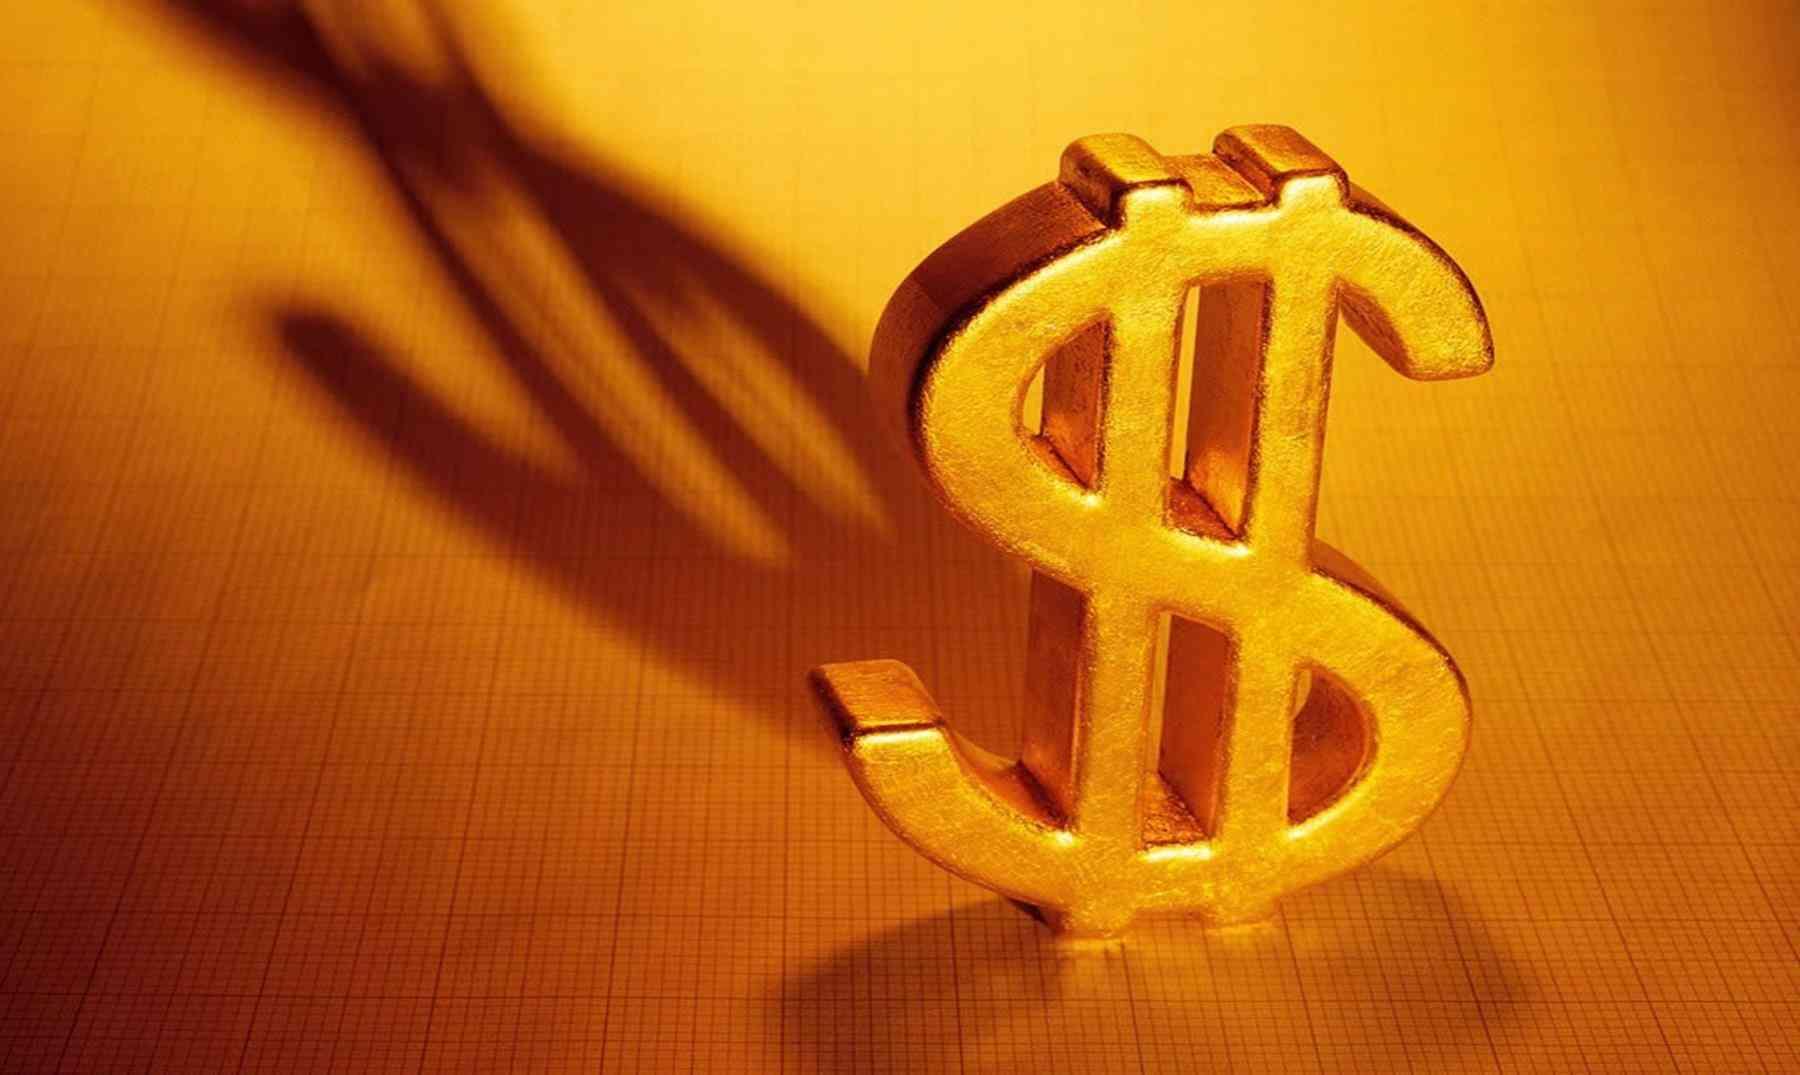 ¿Sabías que el dólar es un símbolo de origen español? 1